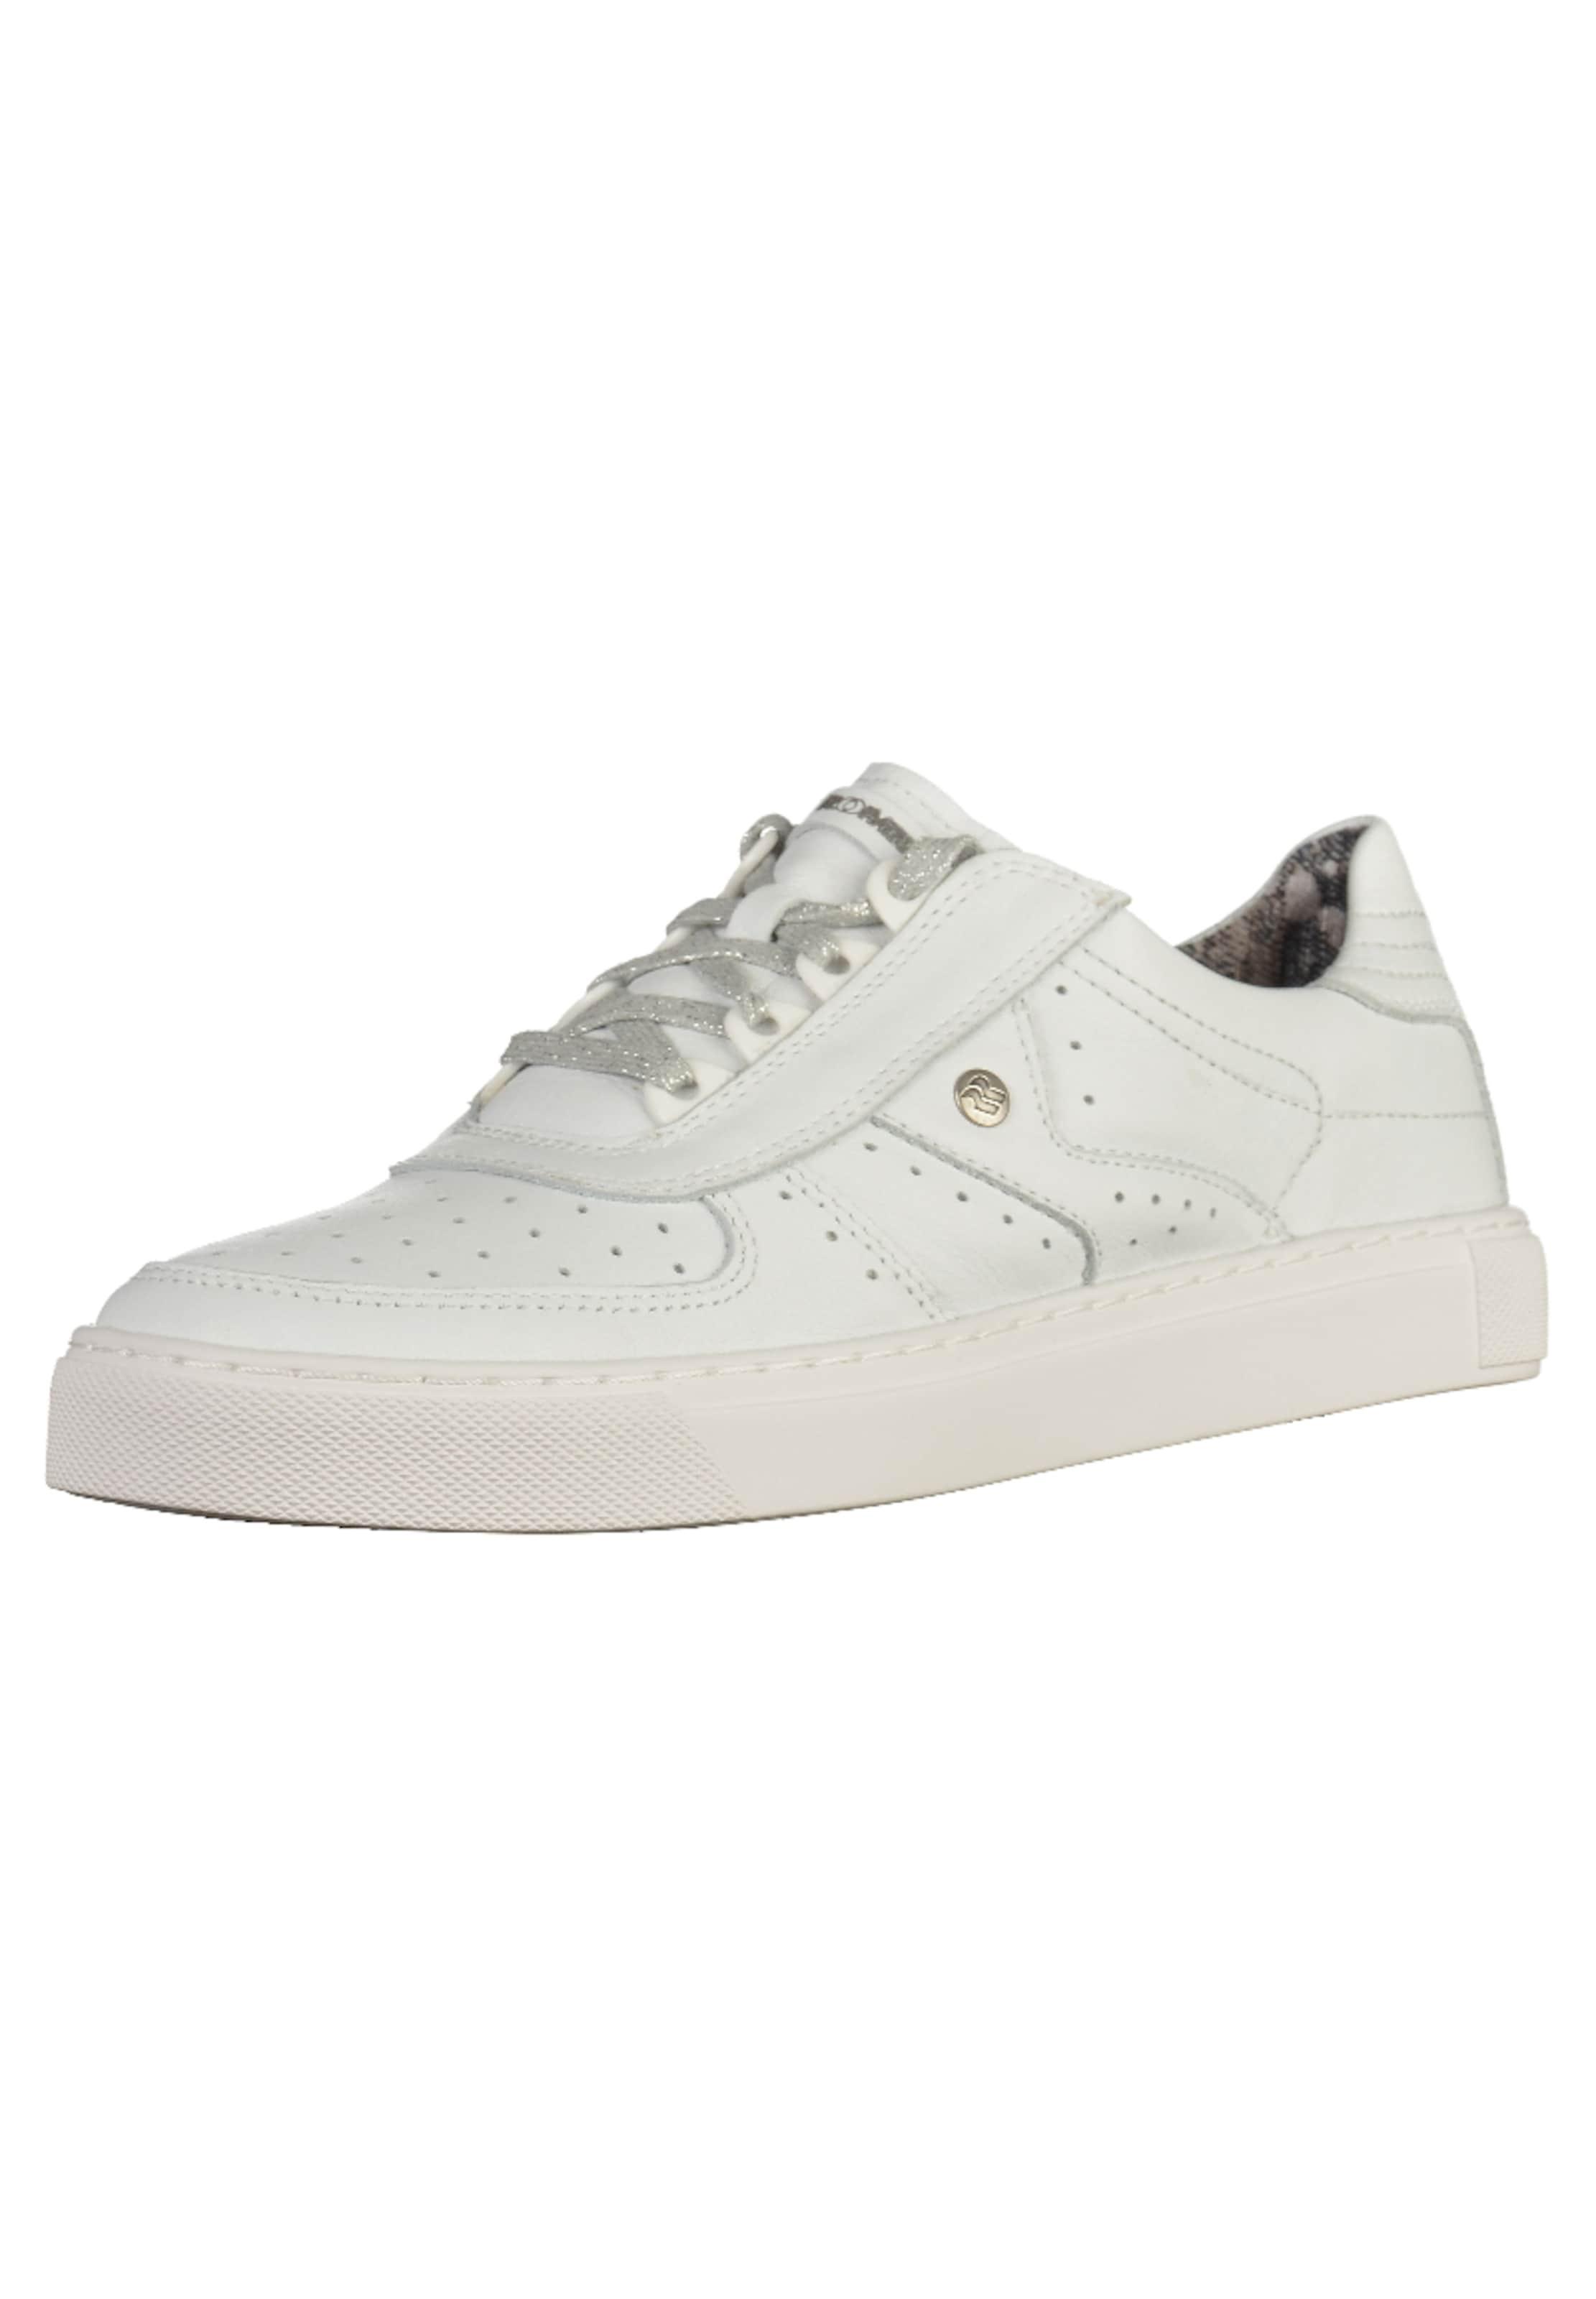 ROMIKA Sneaker Verschleißfeste billige Schuhe Hohe Qualität